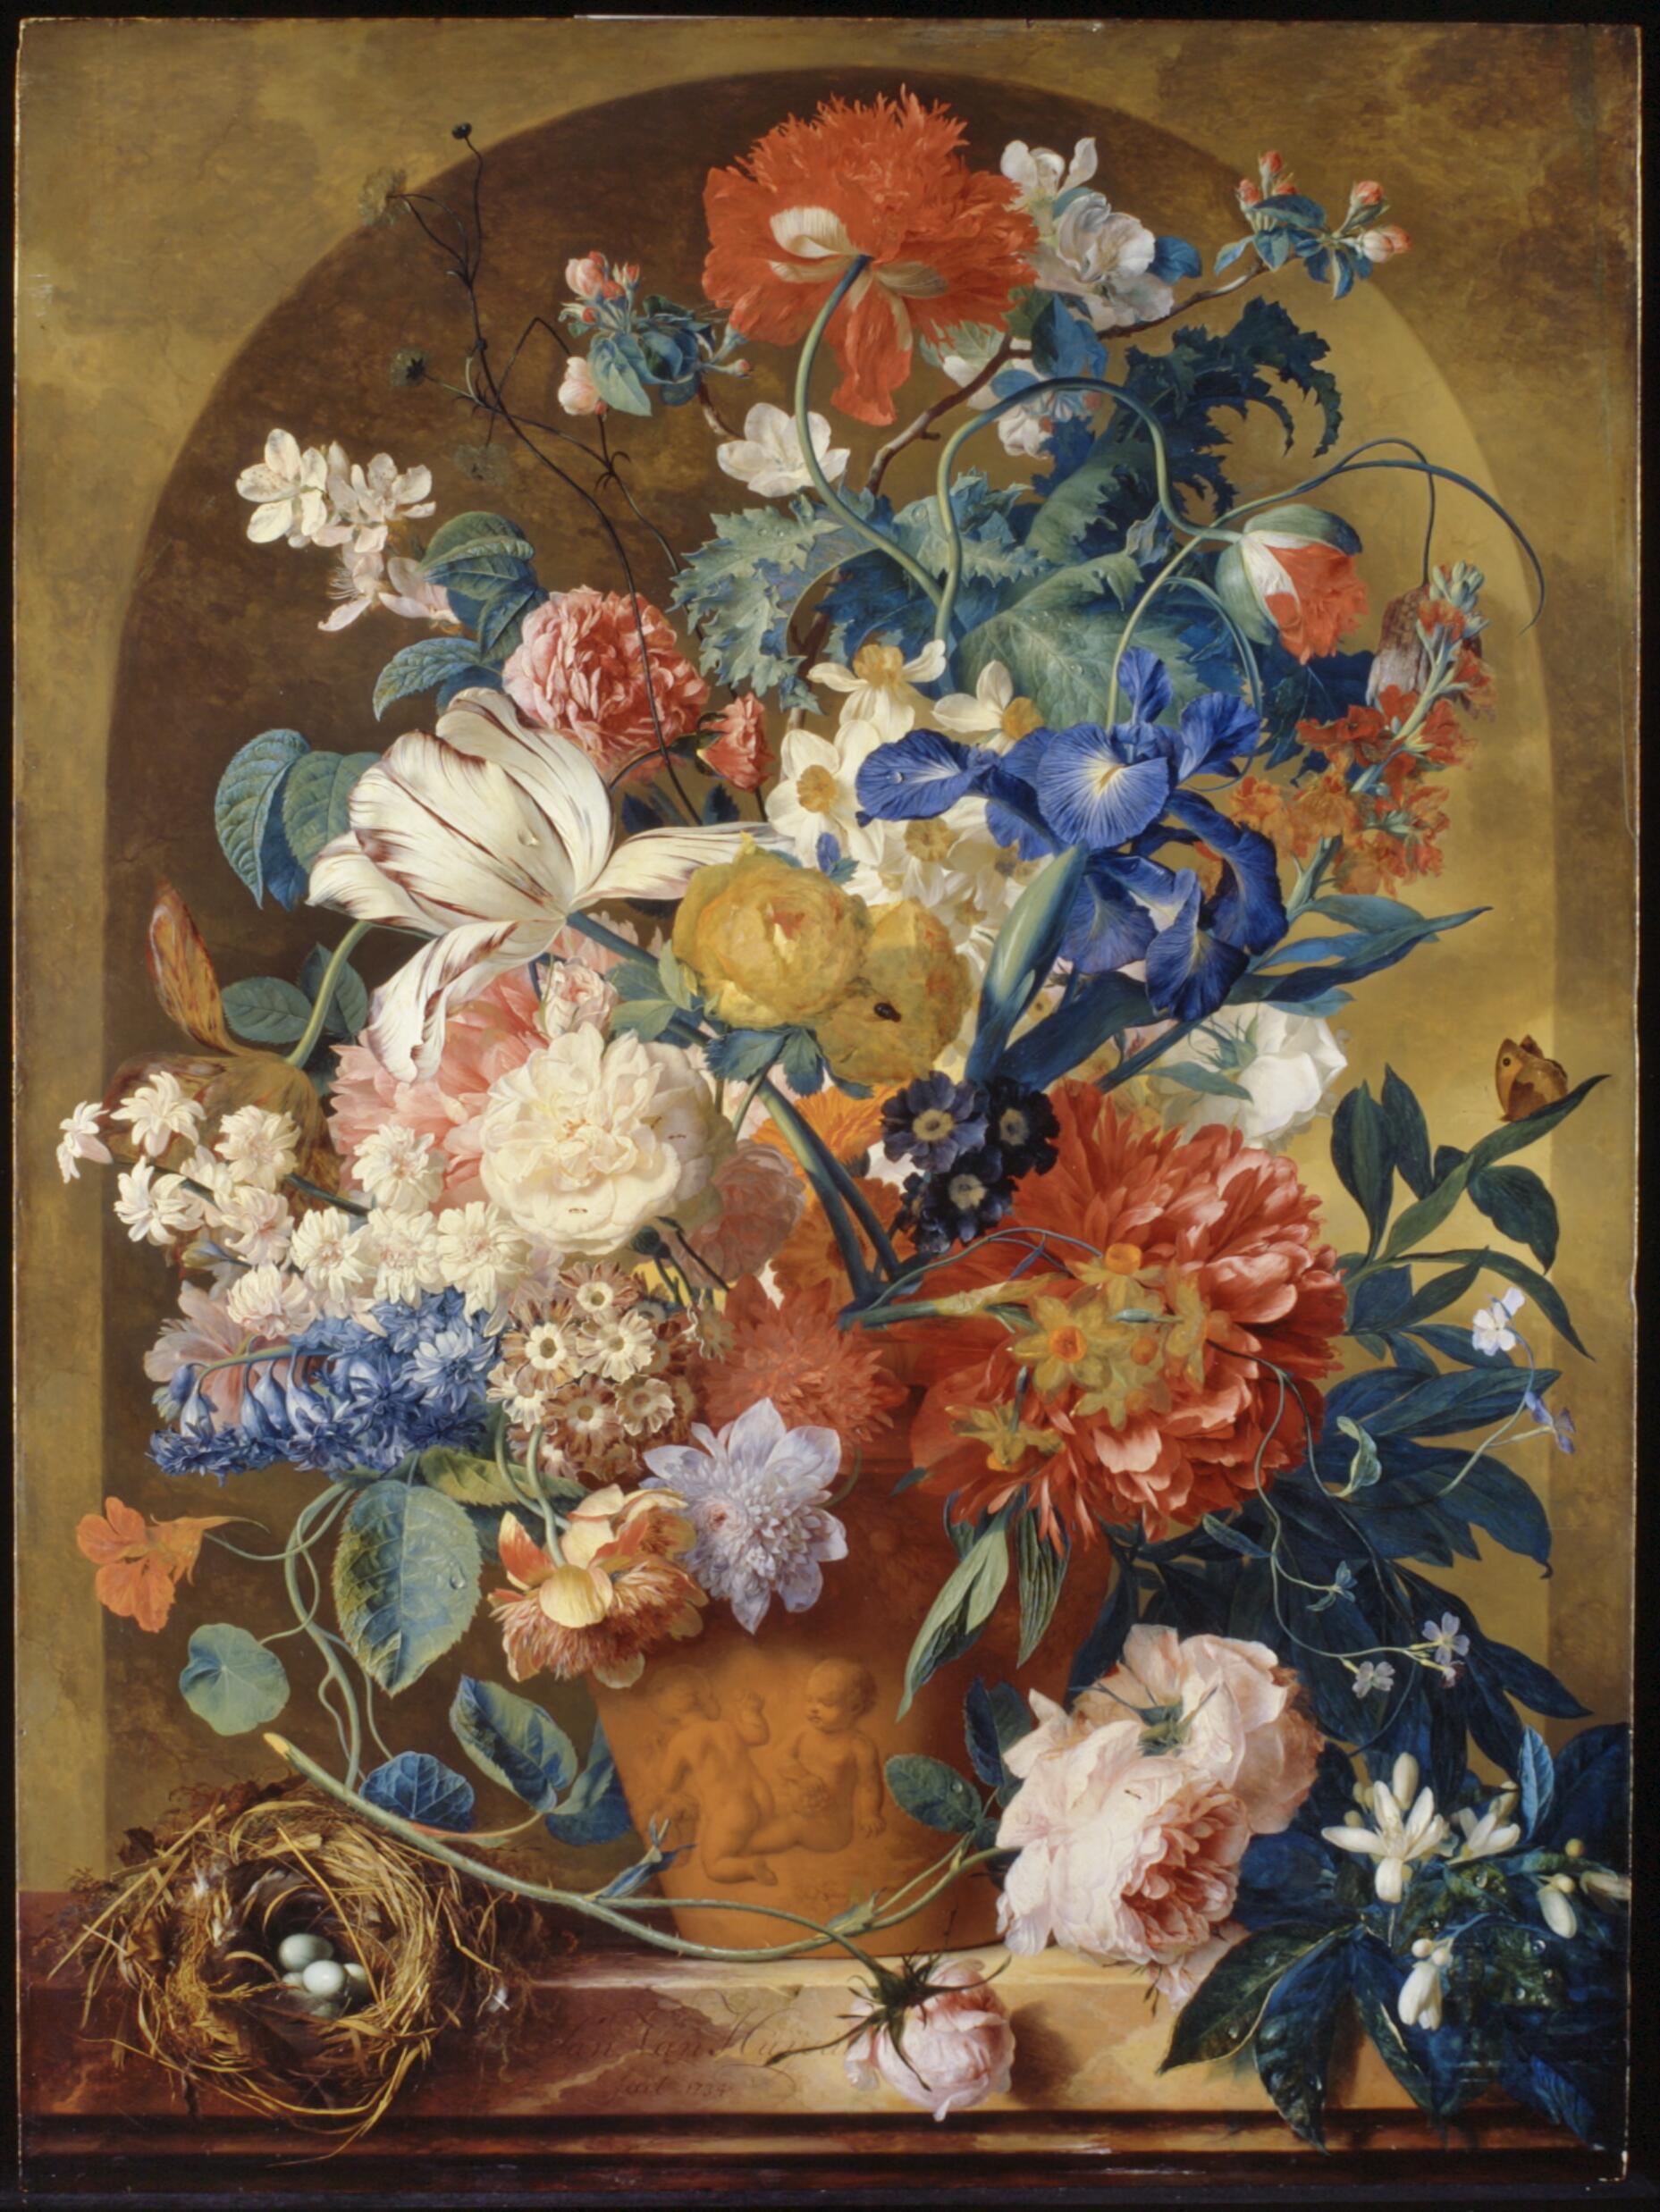 Filejan van huysum still life of flowers in a terracotta vase filejan van huysum still life of flowers in a terracotta vase before reviewsmspy